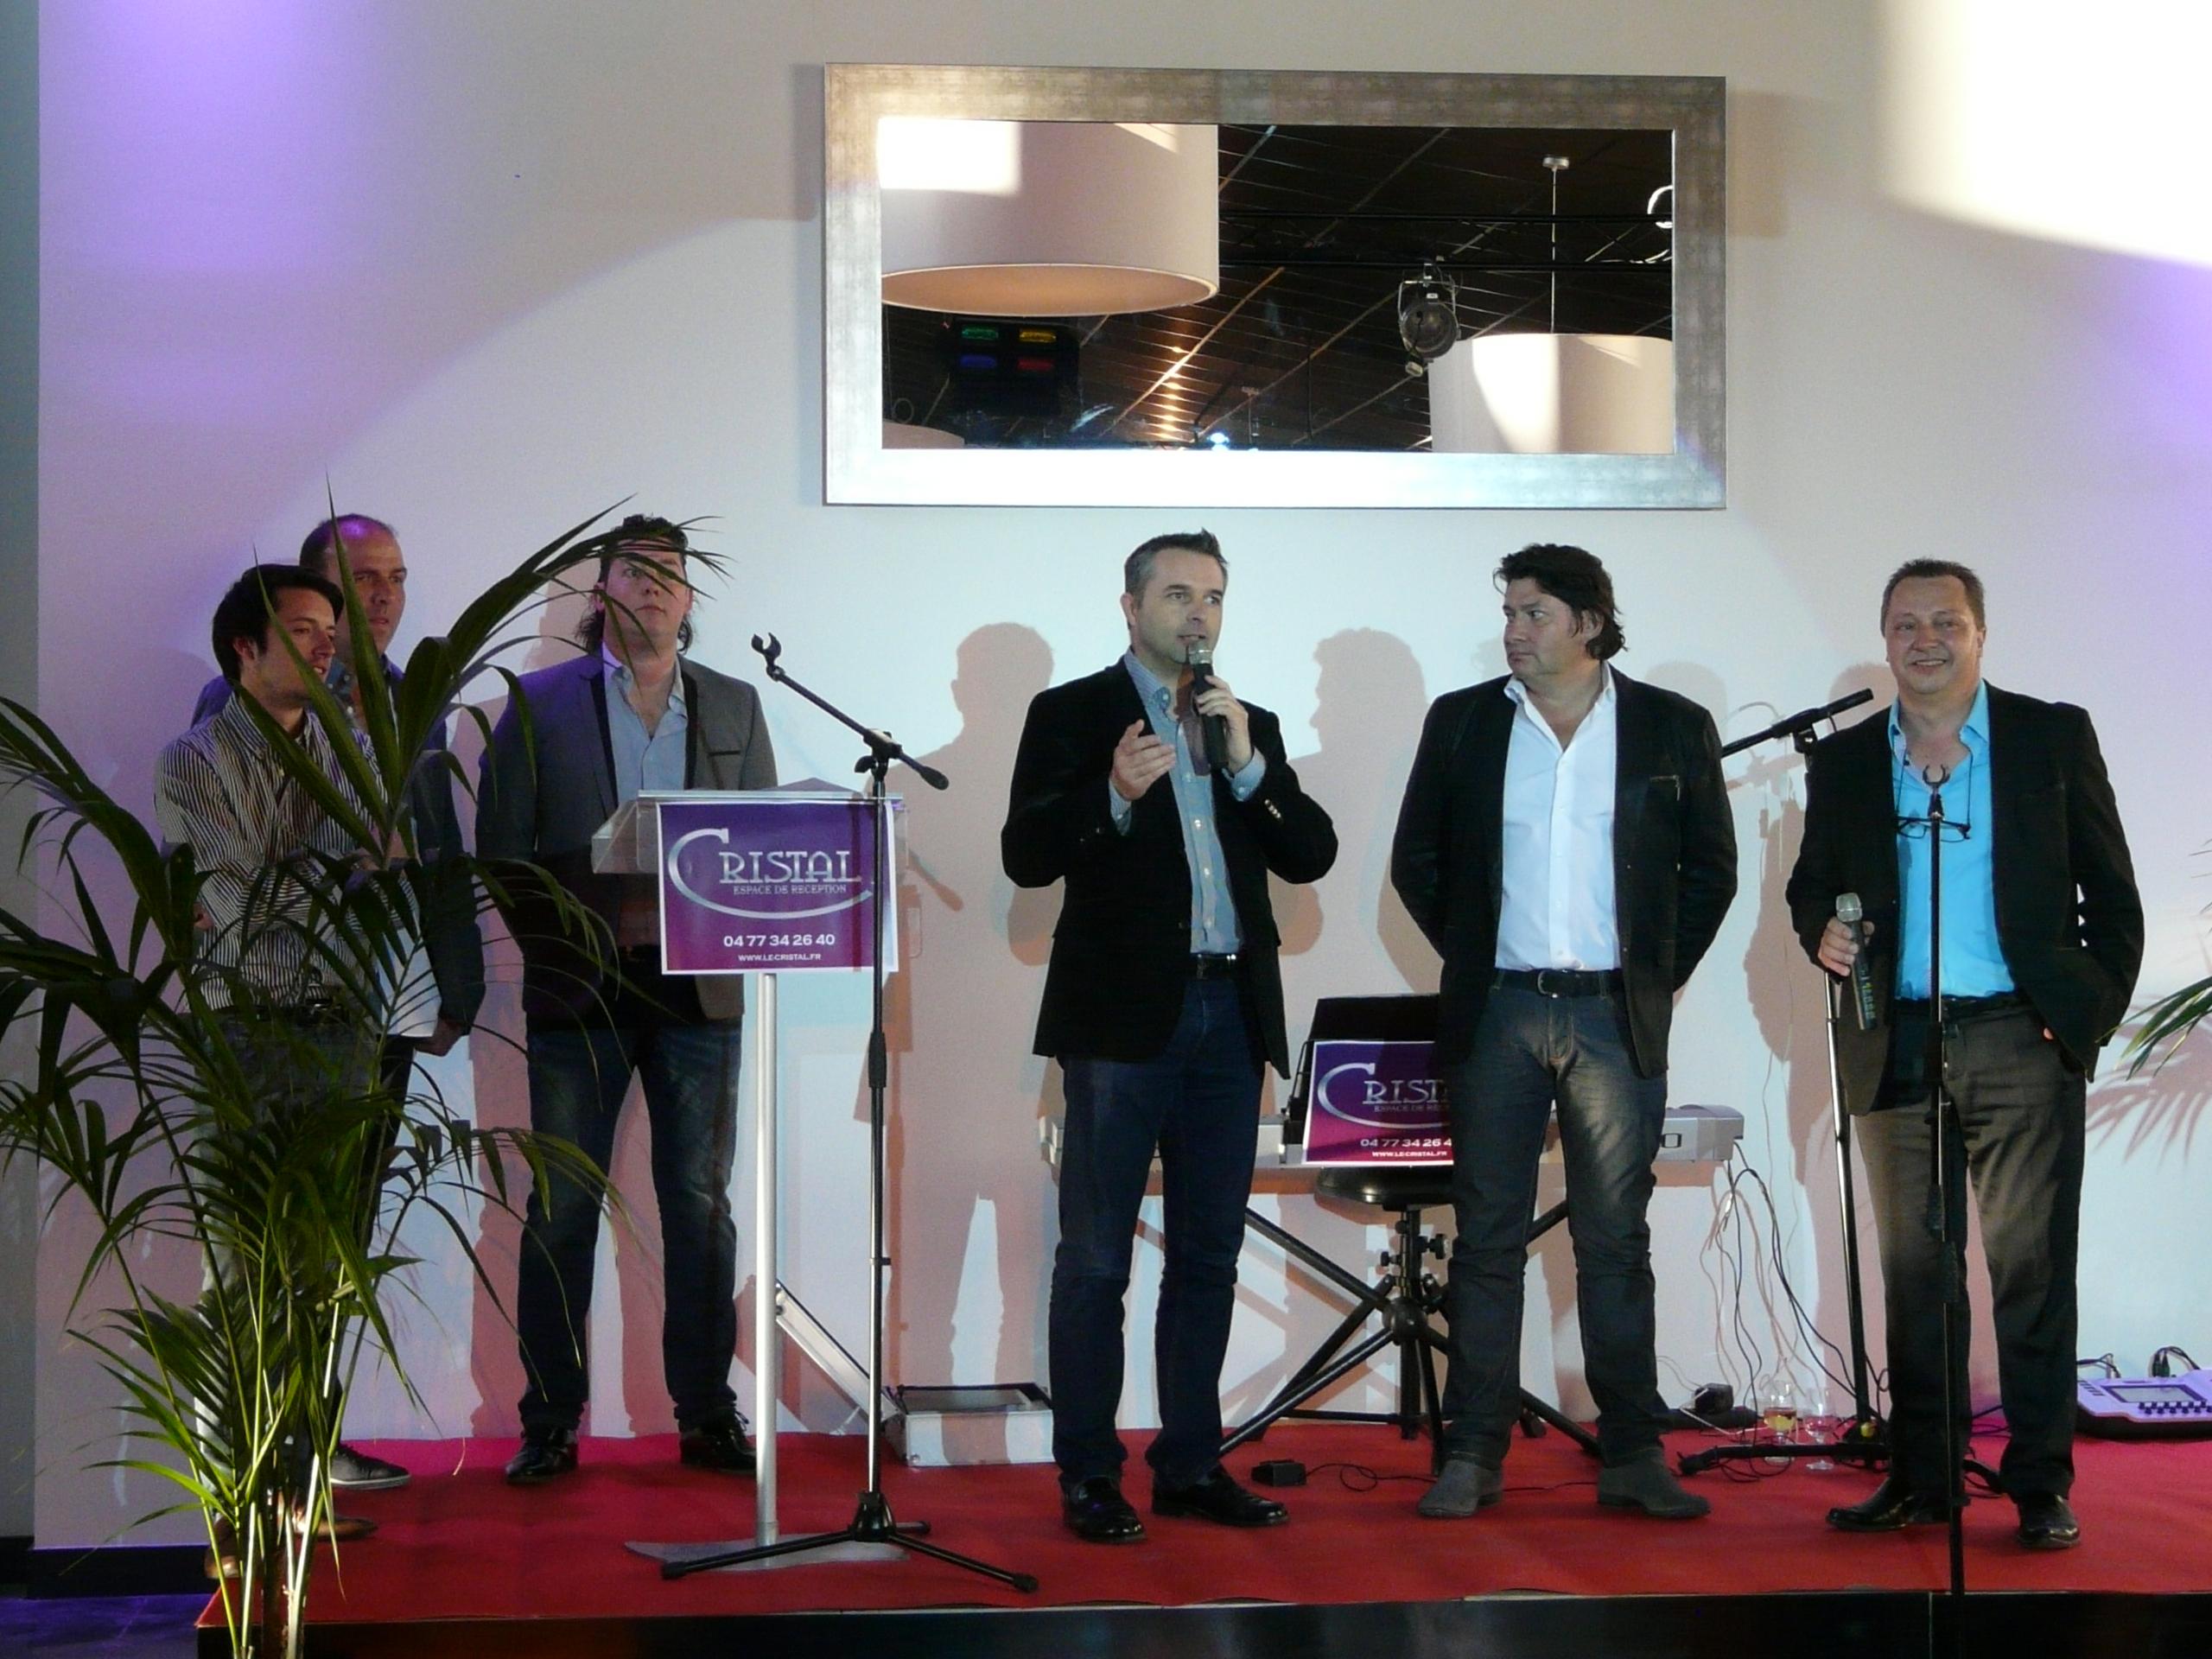 Soirée-Inauguration-Entreprise-Saint-Etienne-5